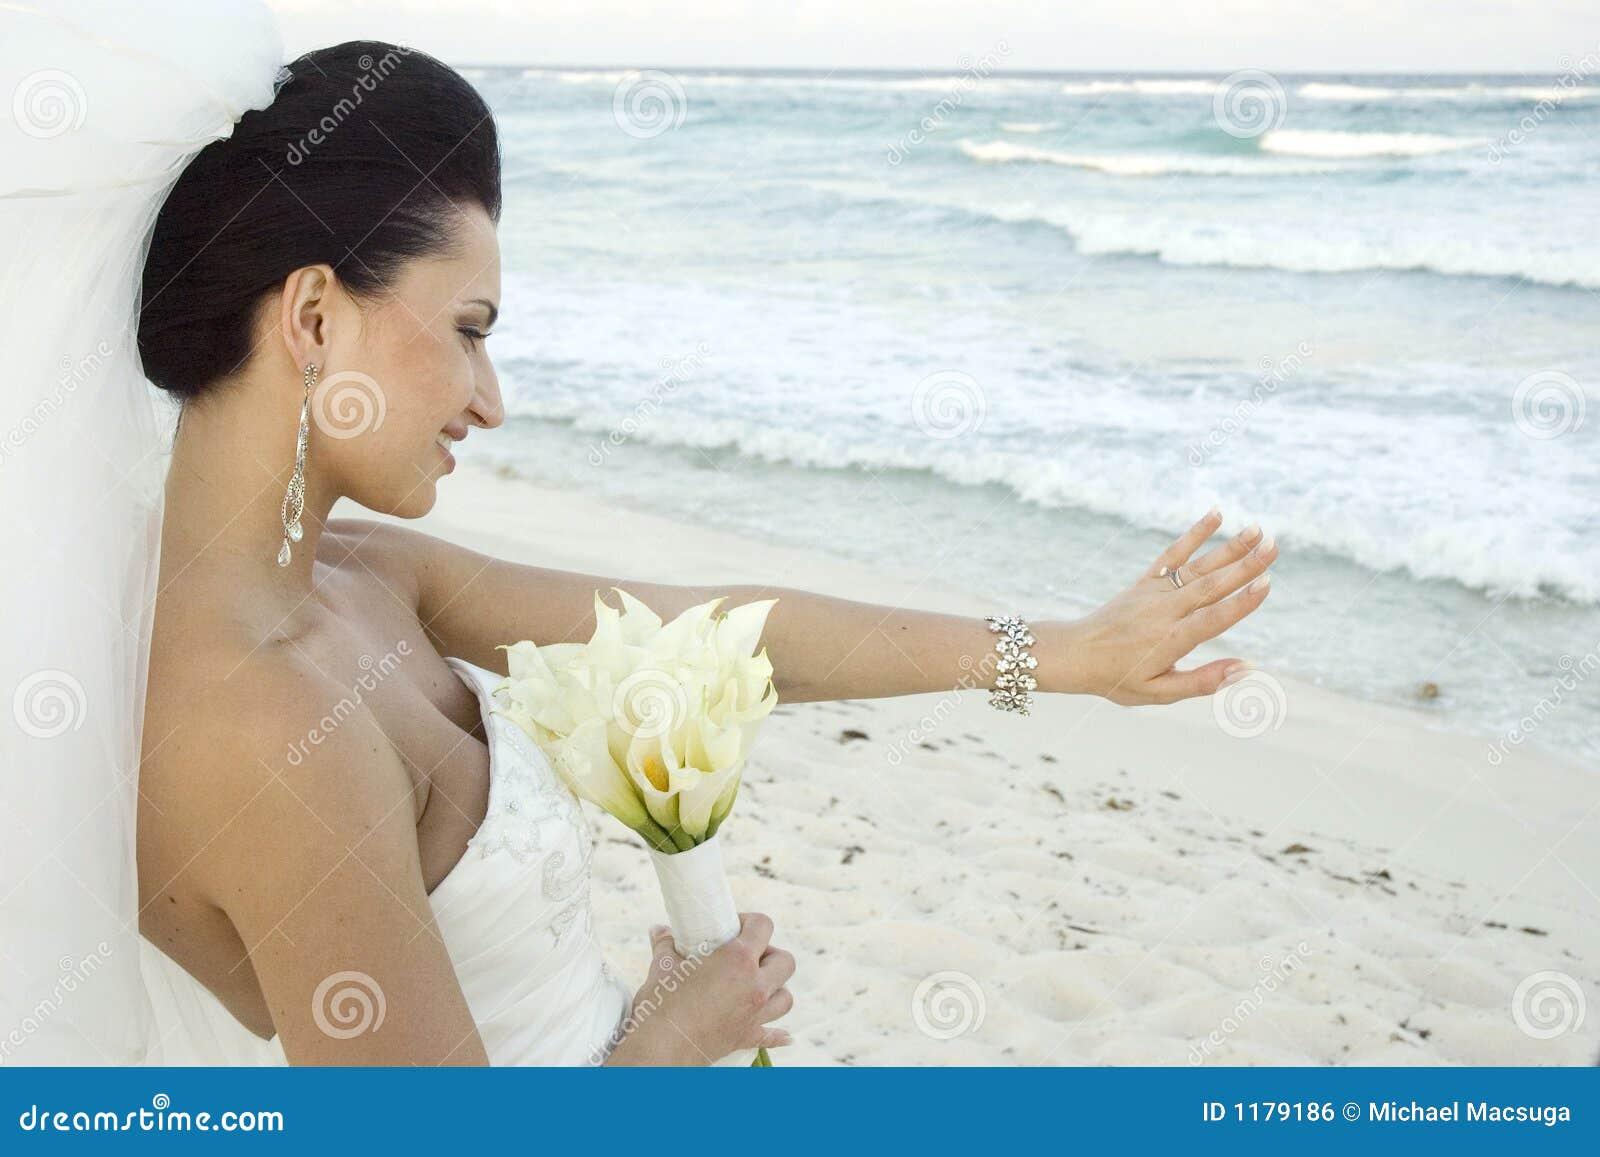 Casamento de praia do Cararibe - noiva com ramalhete